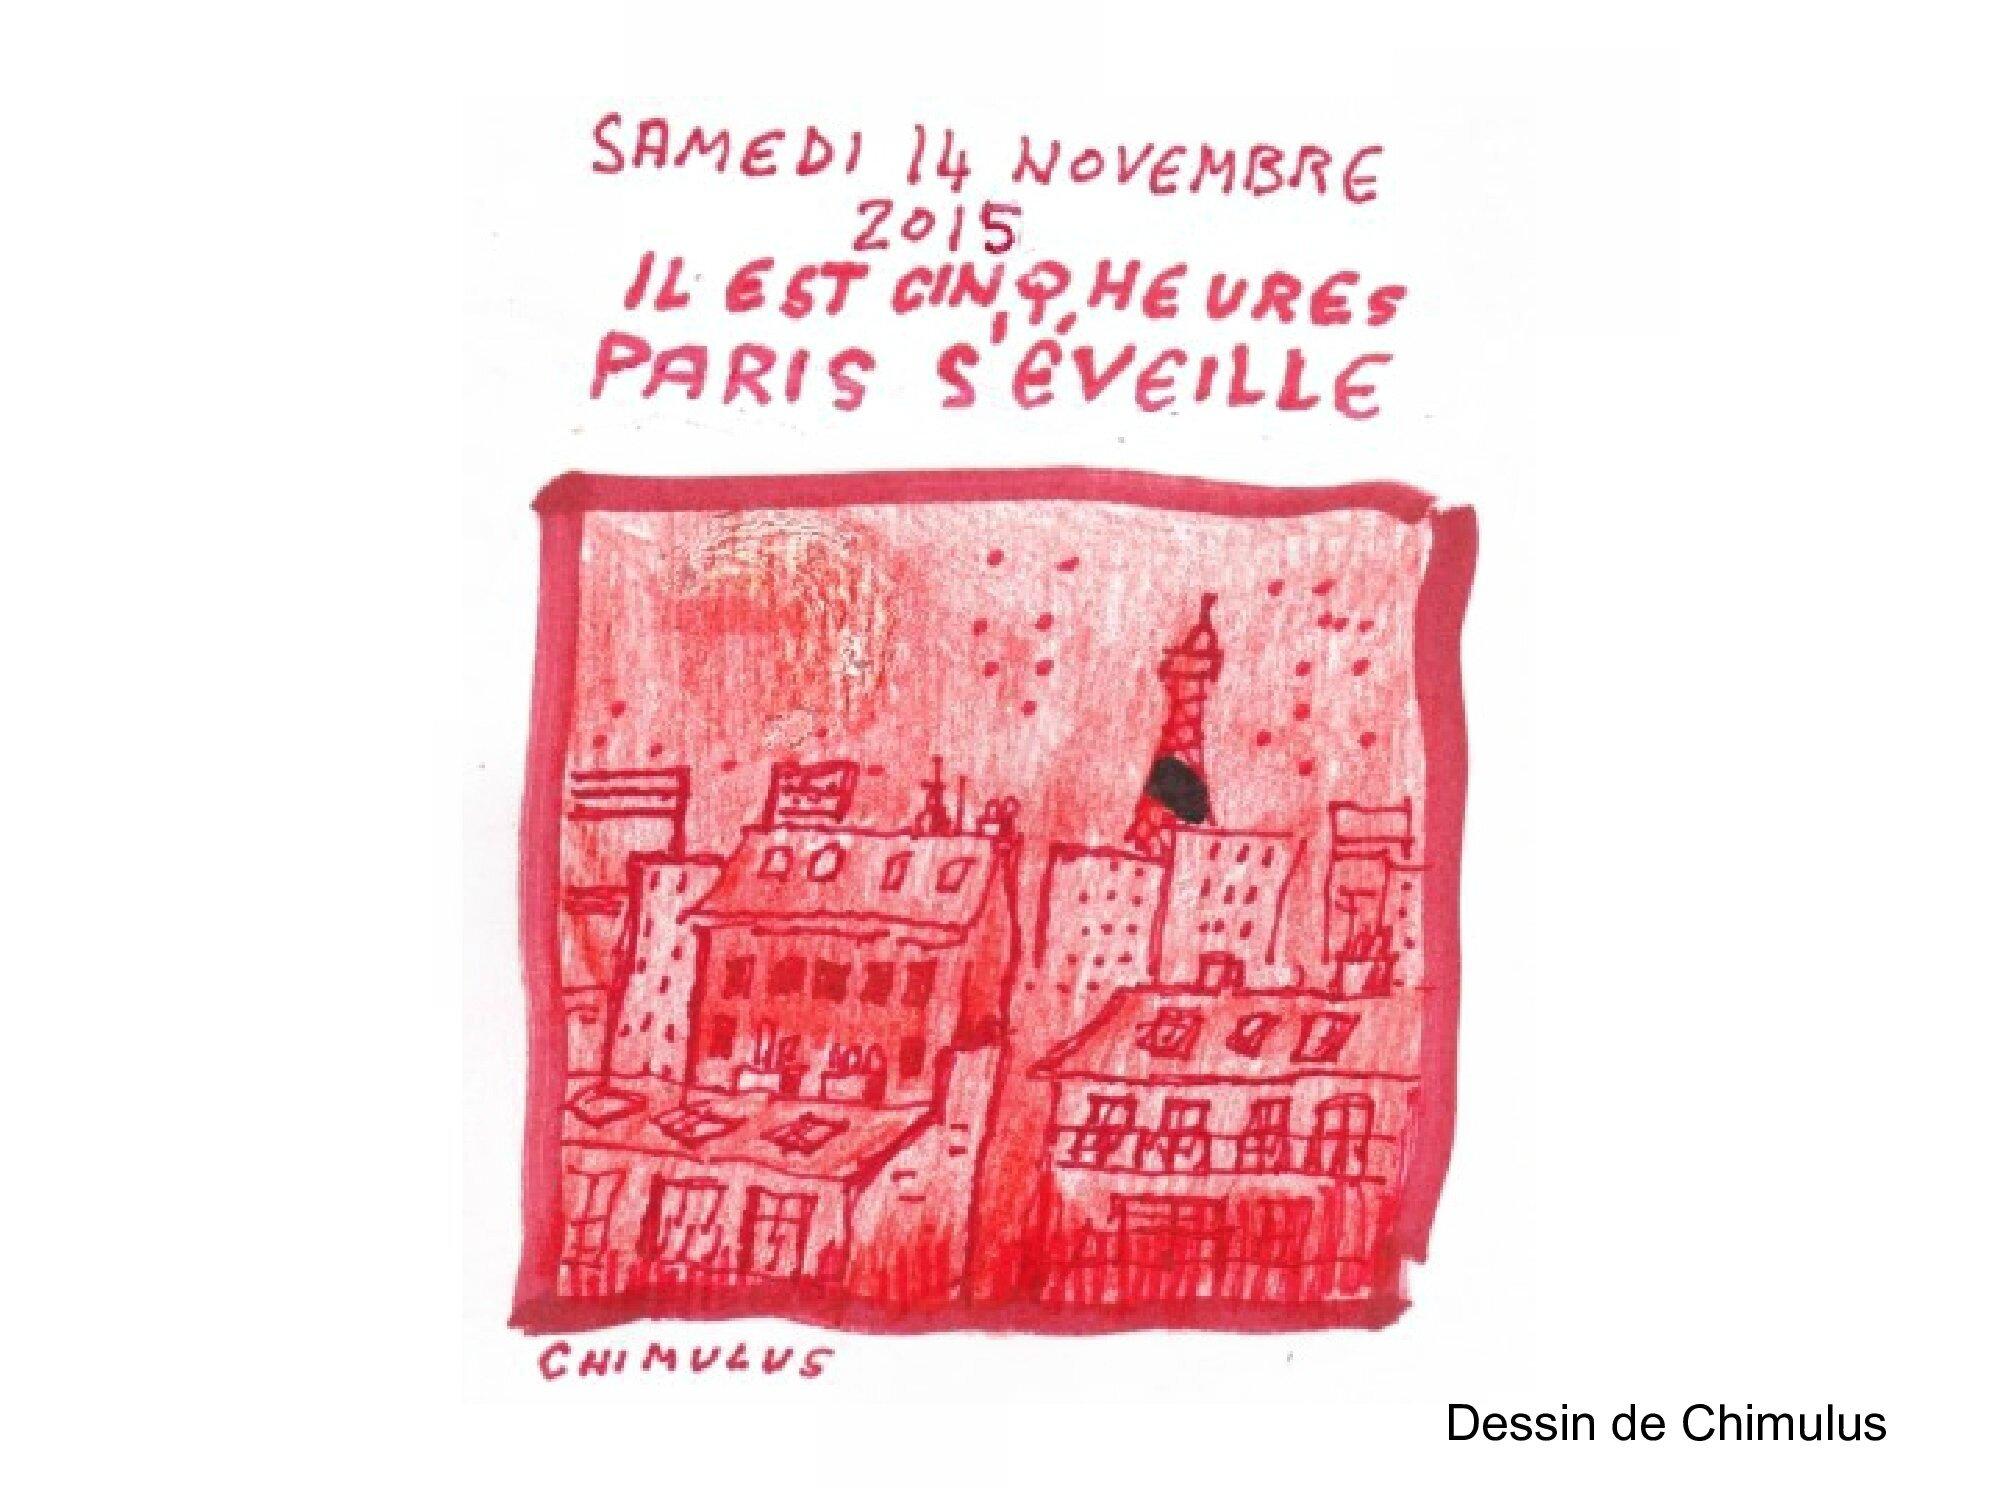 HOMMAGE des dessinateurs aux victimes des attentats de Paris 13 novembre 2015 (1)